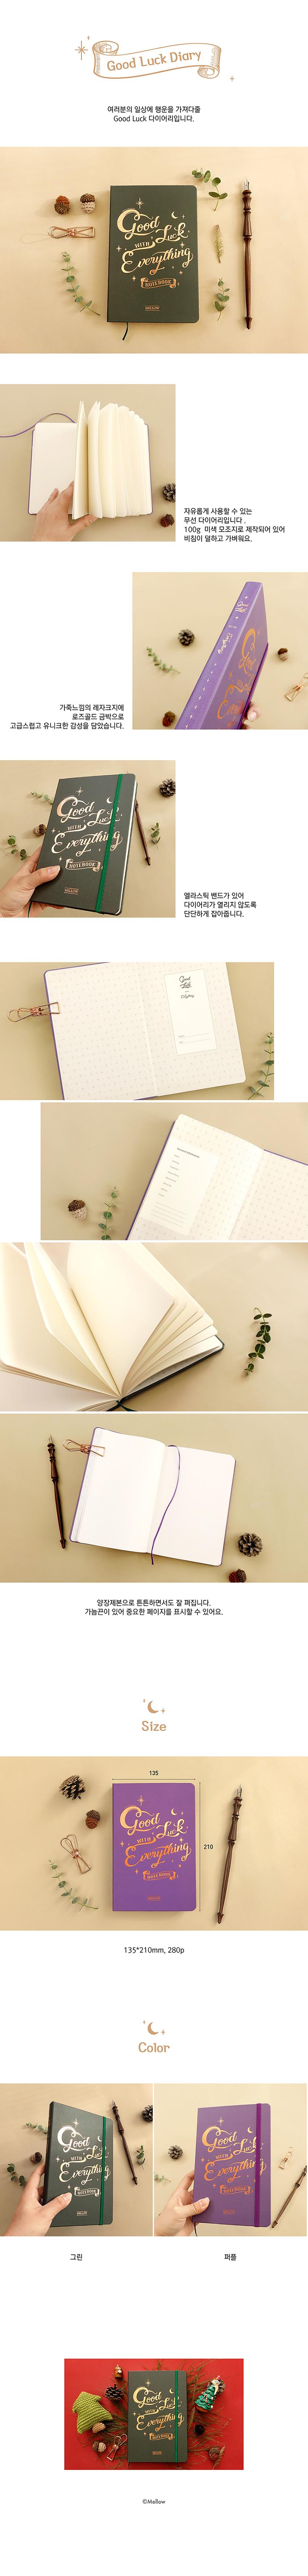 멜로우 Good Luck Diary (굿럭 다이어리) - 멜로우, 20,000원, 만년형, 심플/베이직